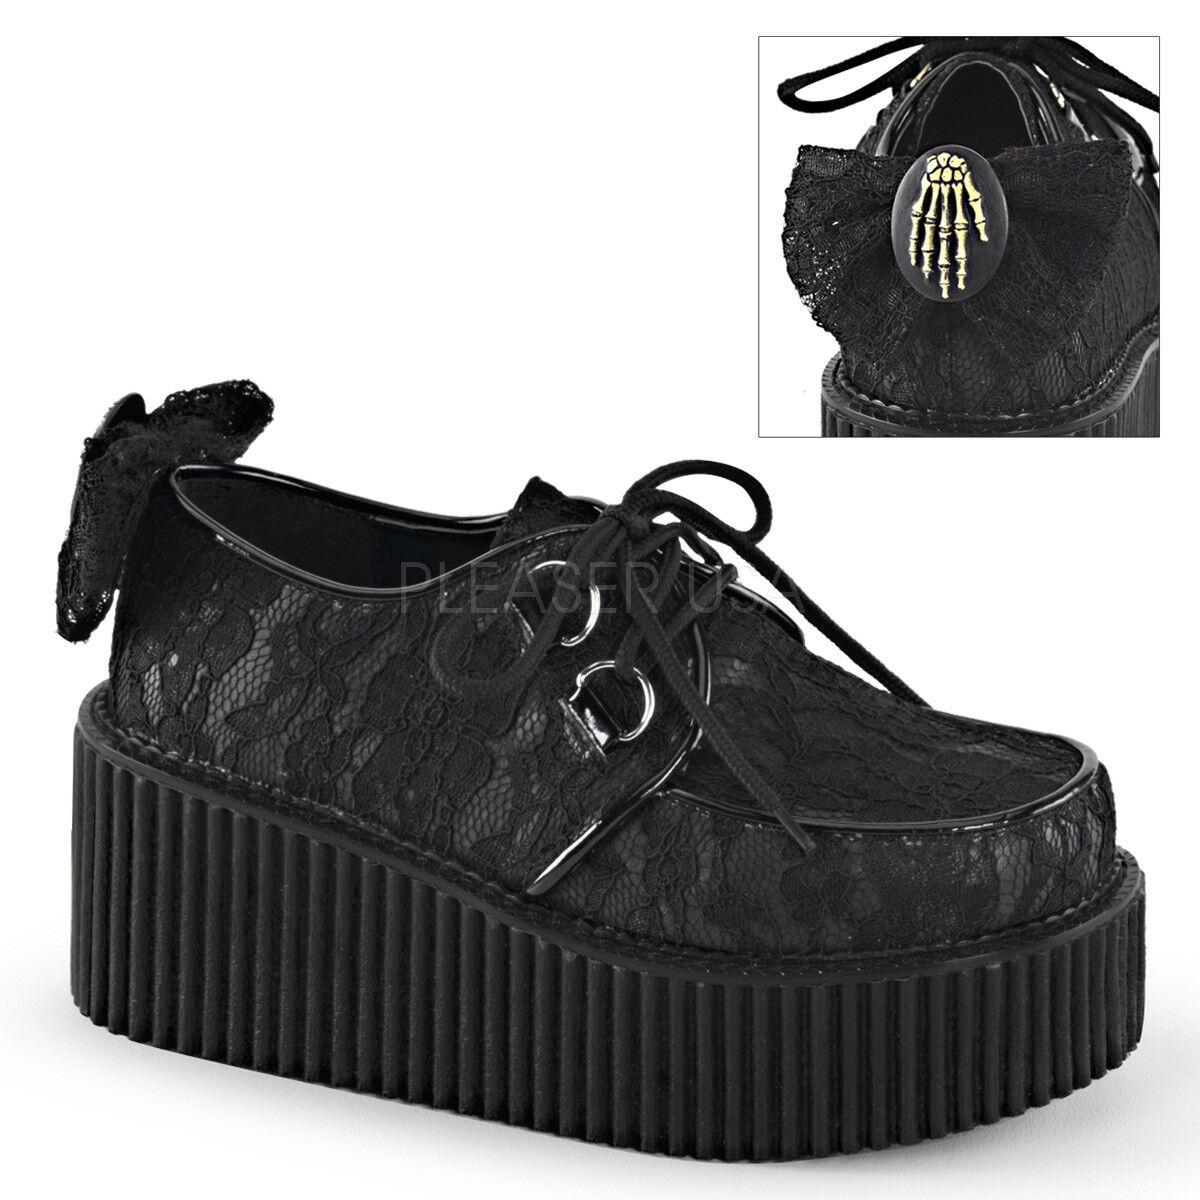 scegli il tuo preferito Demonia CREEPER-212 nero Platform Platform Platform Lace-Overlay Bow Skeleton Hand Mesh scarpe  prodotto di qualità